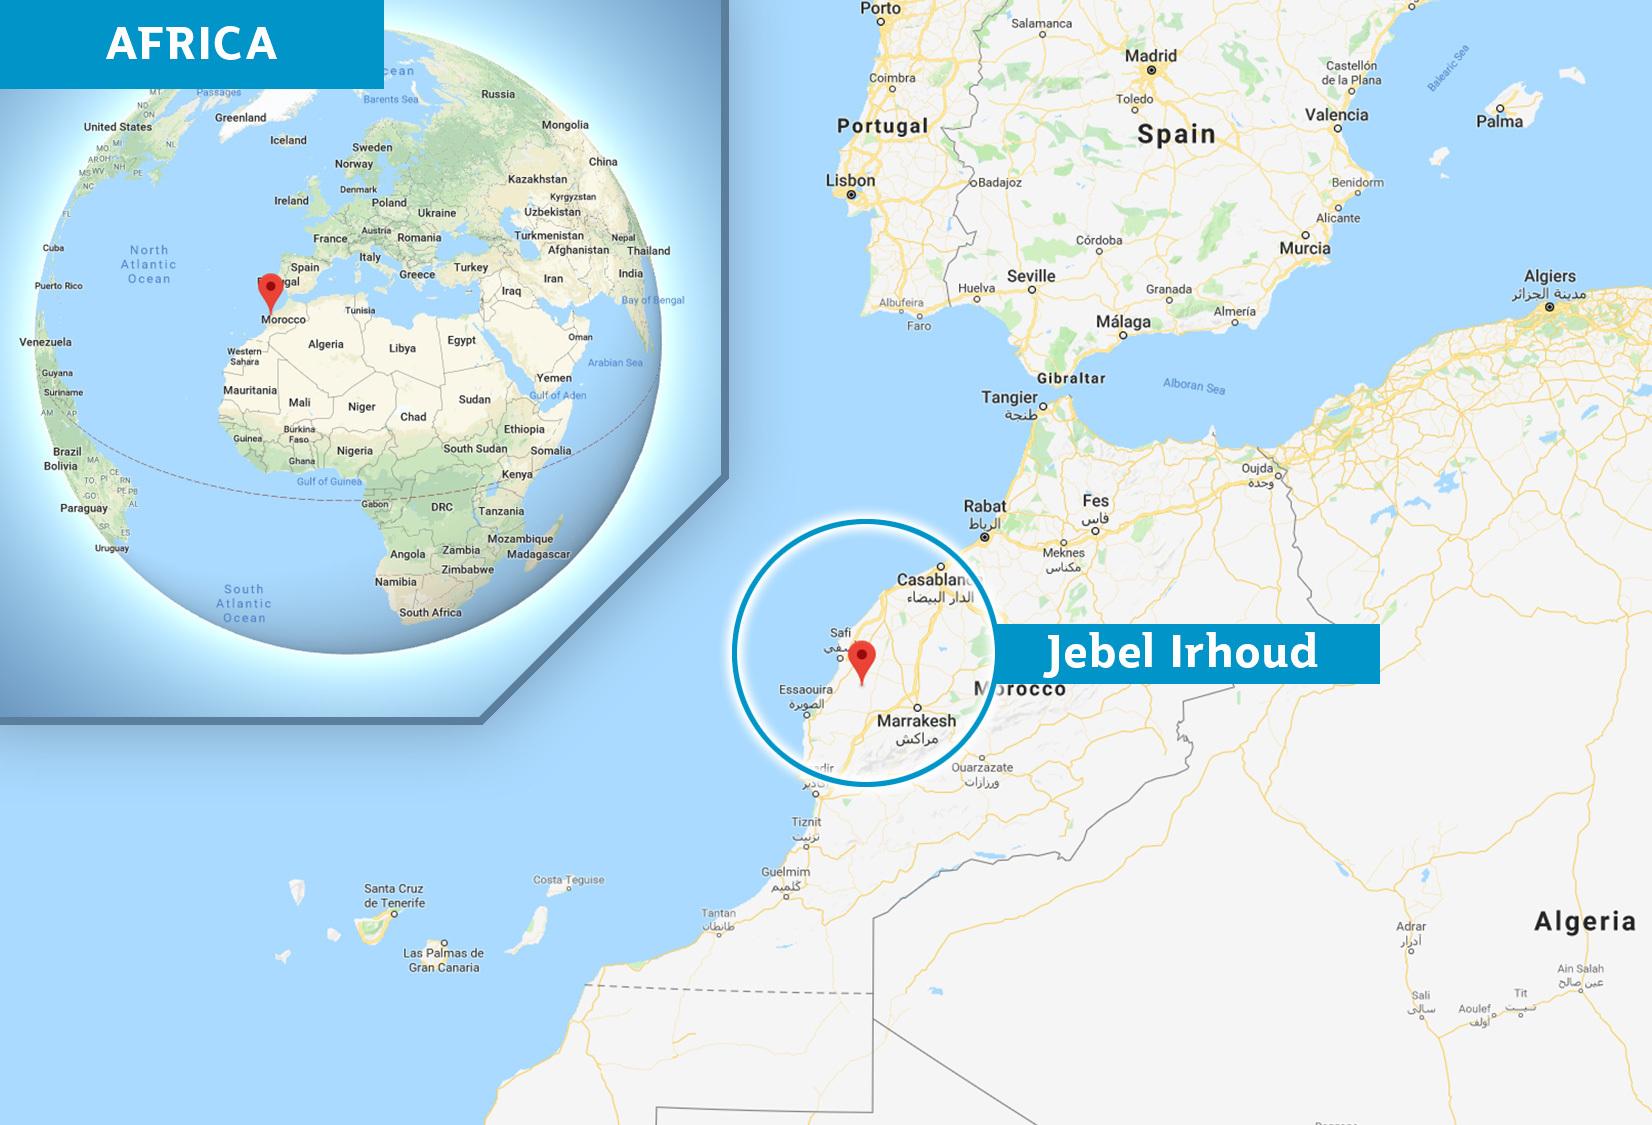 Map of Jebel Irhoud